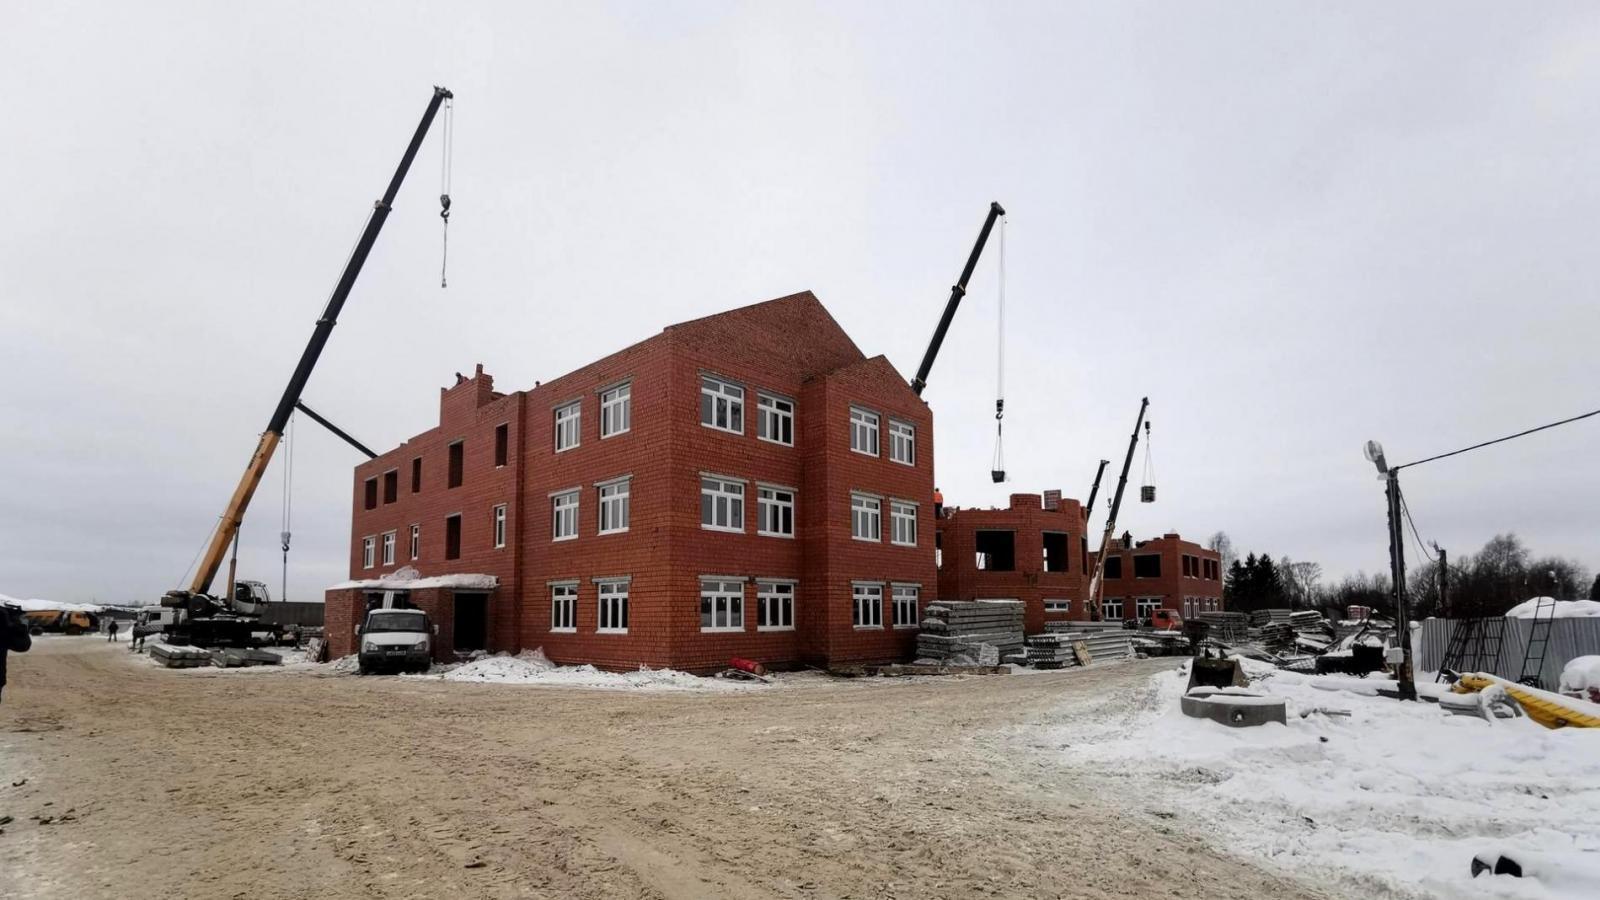 Еще четыре: Вологда получит 2 млрд. руб. на строительство 4 детских садов